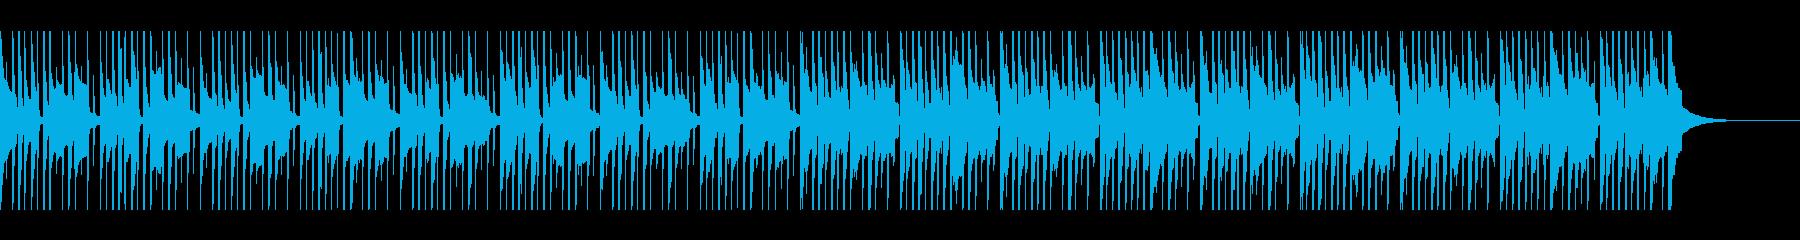 マリンバ コミカルな雰囲気の再生済みの波形